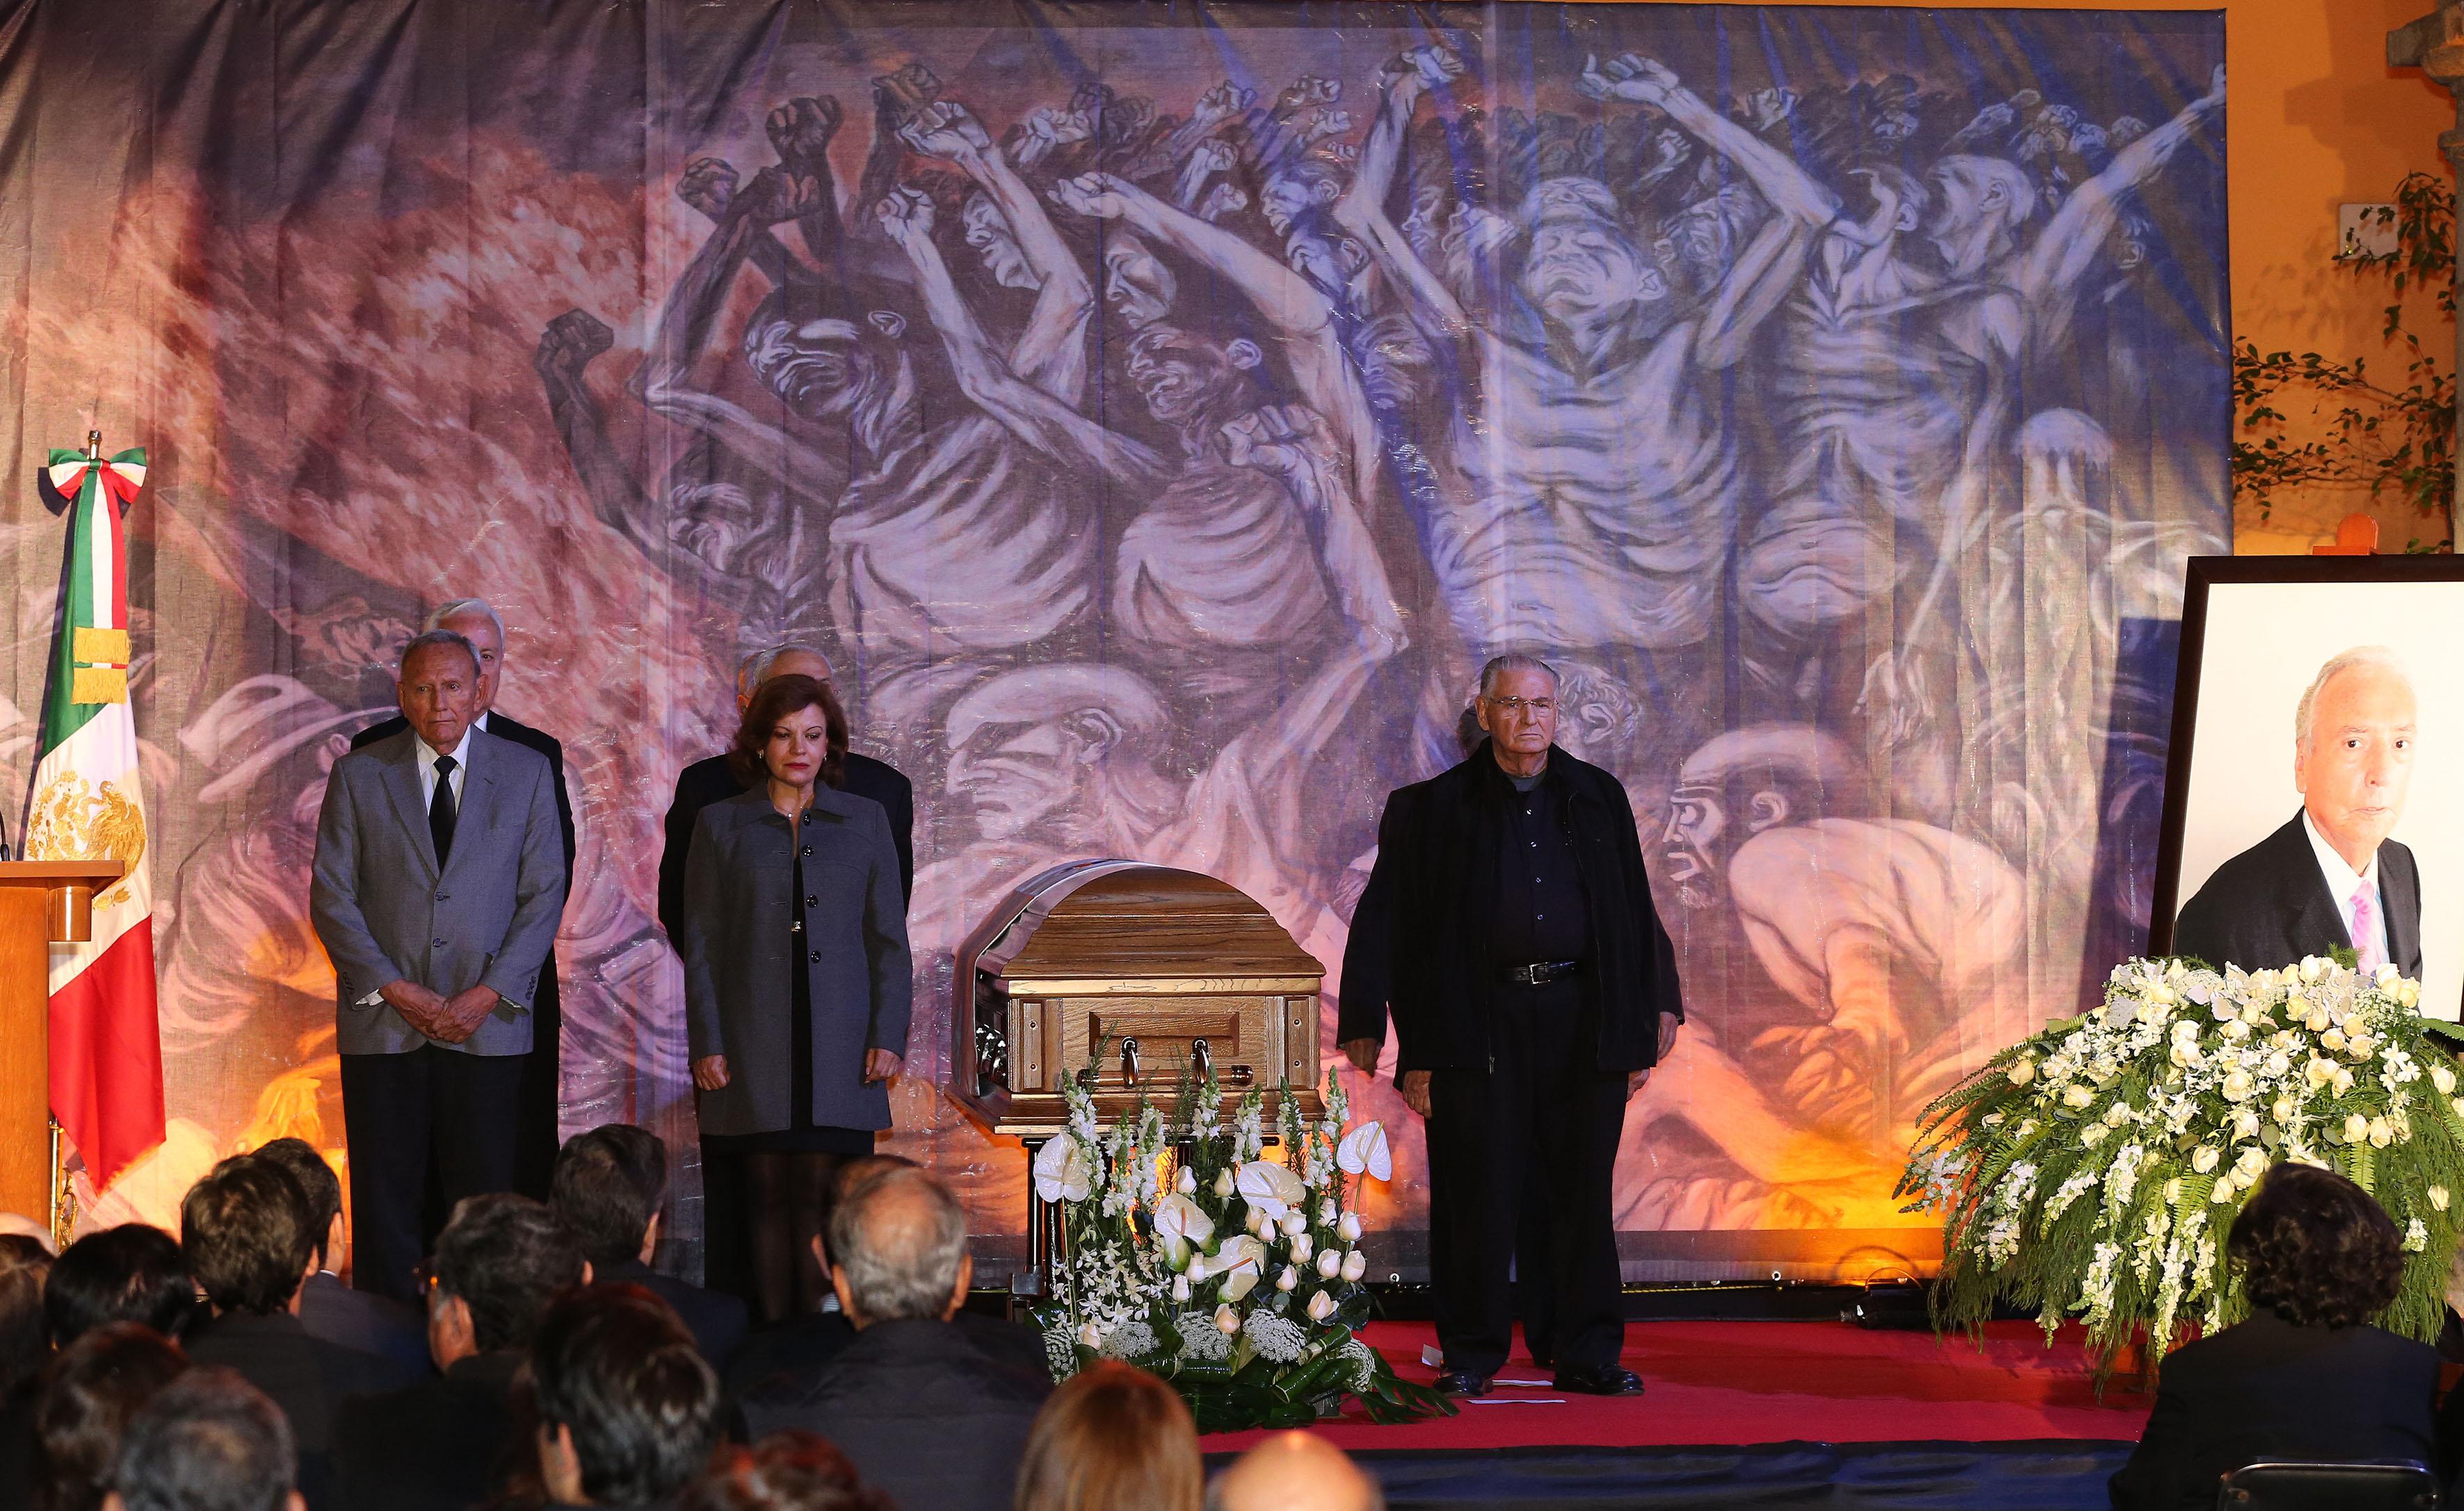 Familiares, colegas y amigos del Doctor José Luis Leal Sanabria, asistentes a la ceremonia luctuosa, en el Ex Claustro de San Agustín.